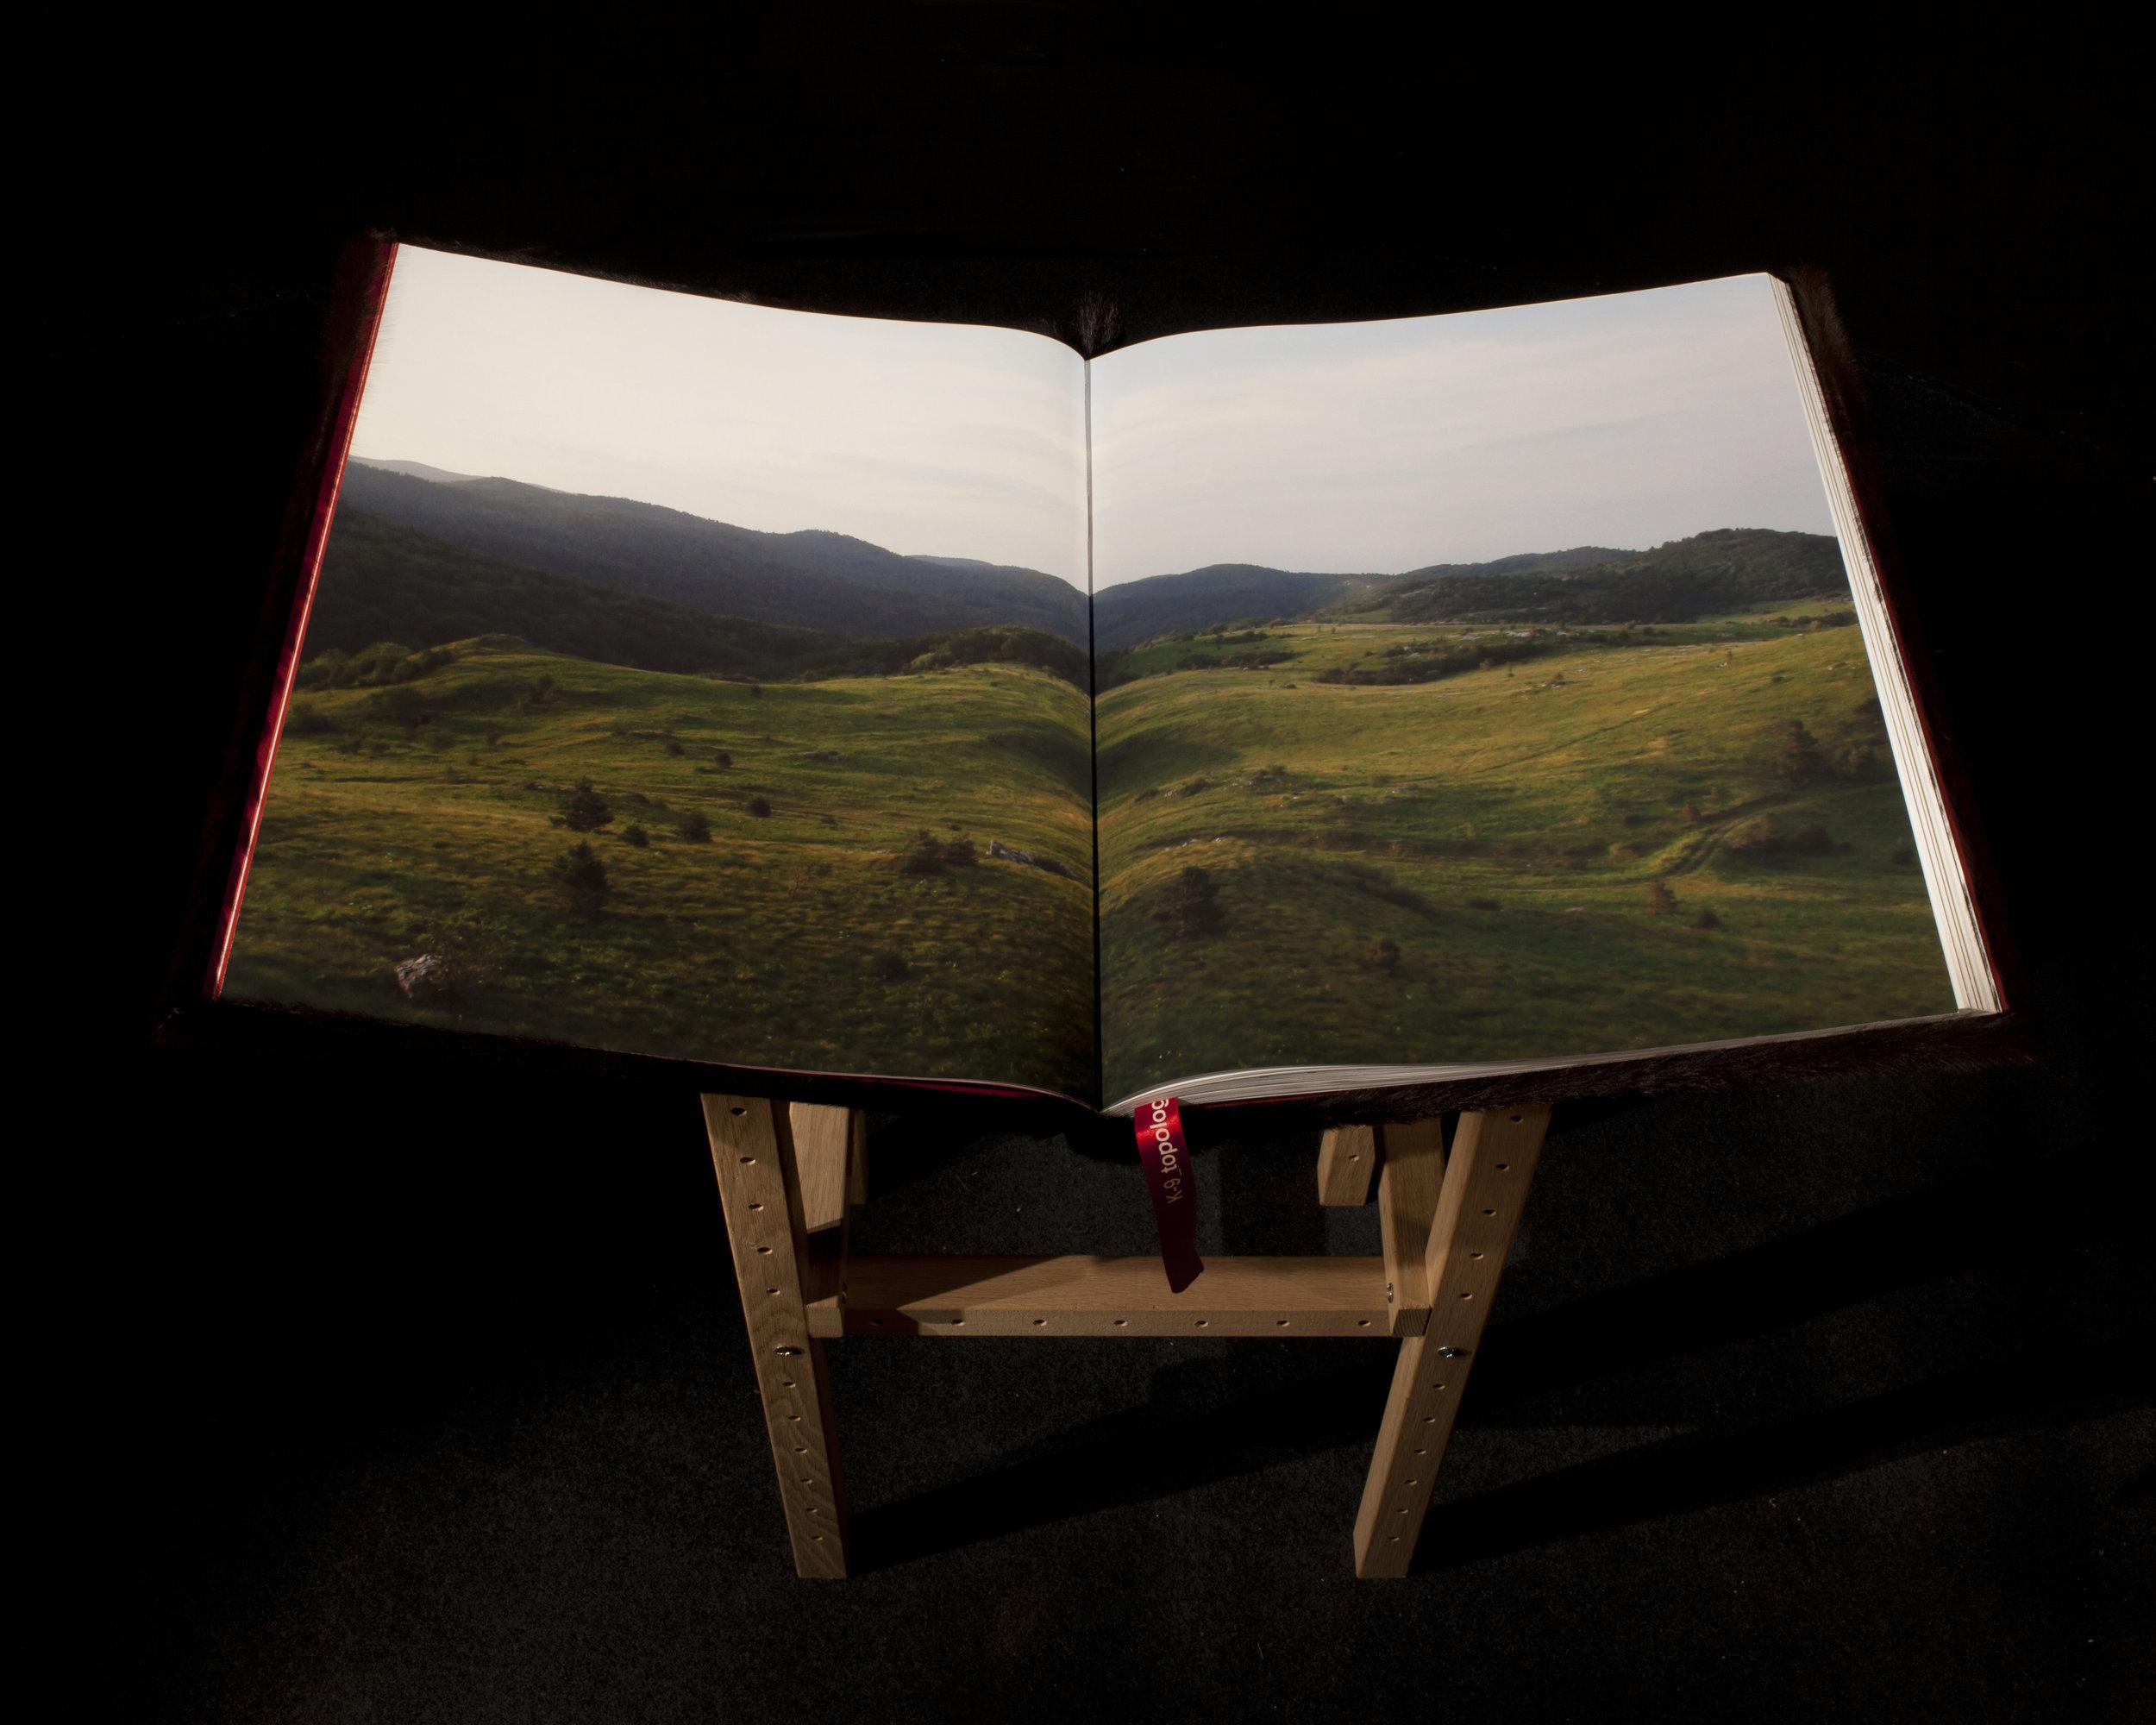 04_ARTIST BOOK.JPG